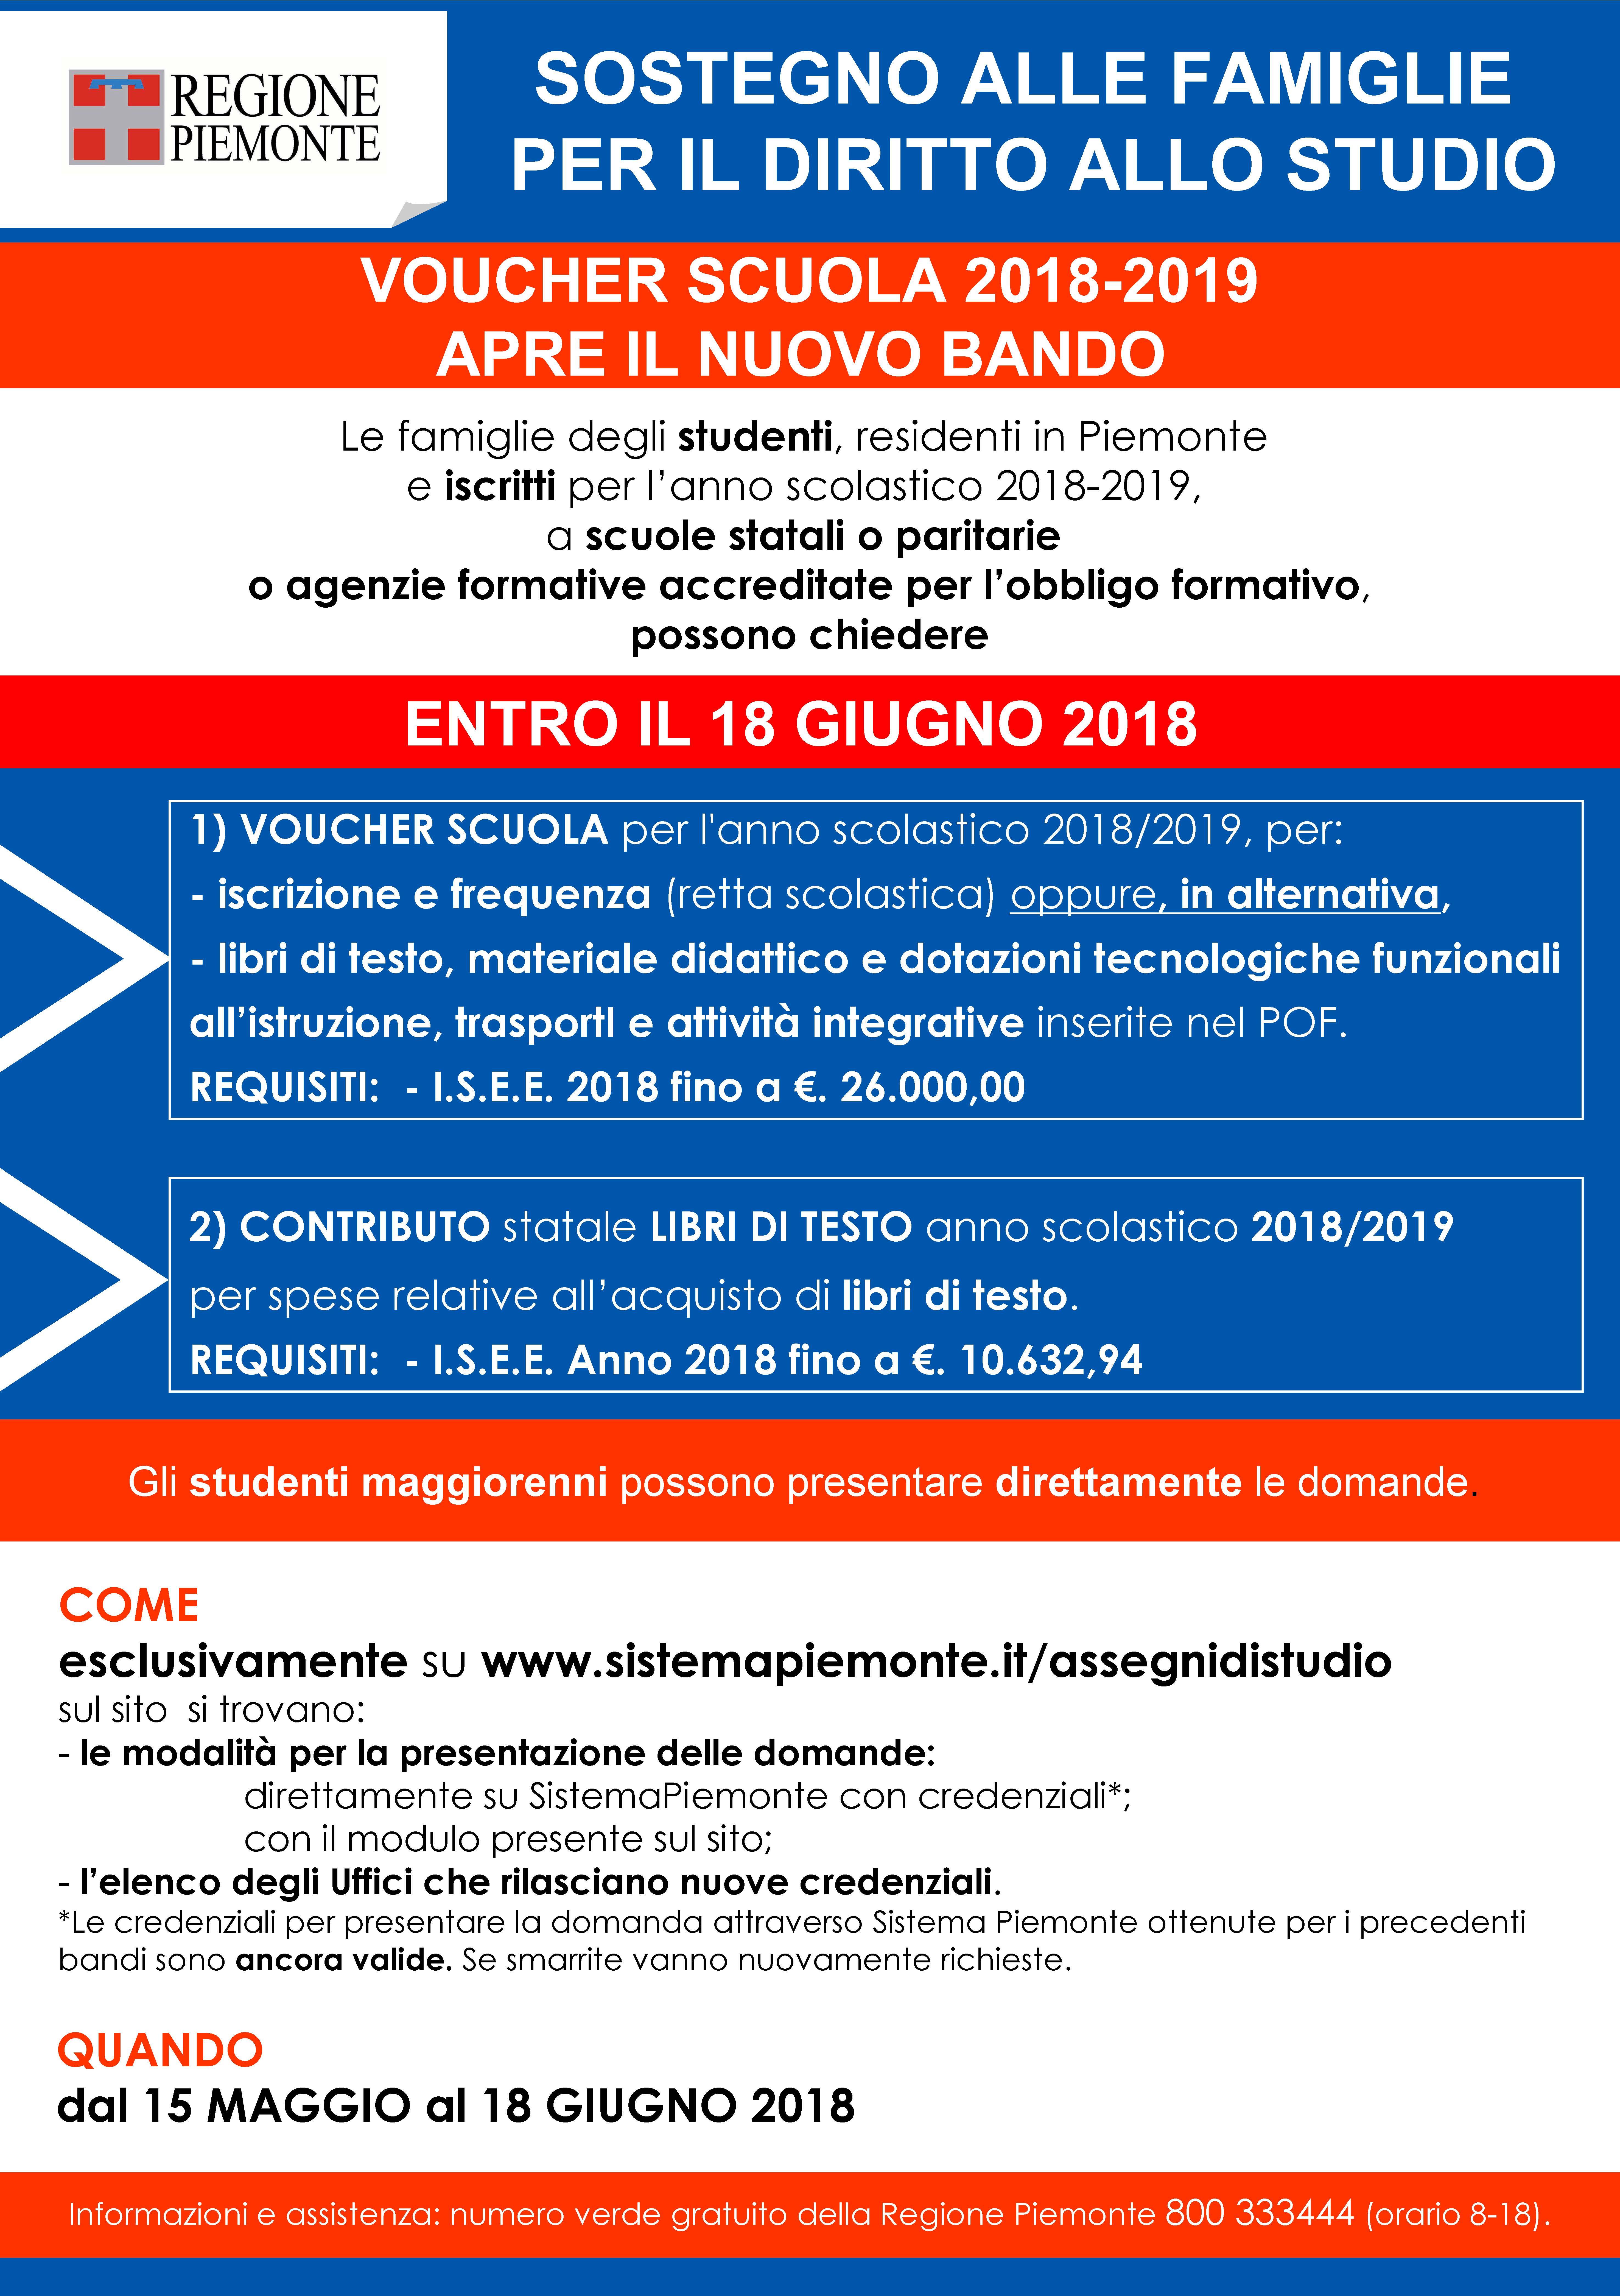 8a0be55ad6 AIUTI ECONOMICI ALLE FAMIGLIE PER IL DIRITTO ALLO STUDIO | Canale